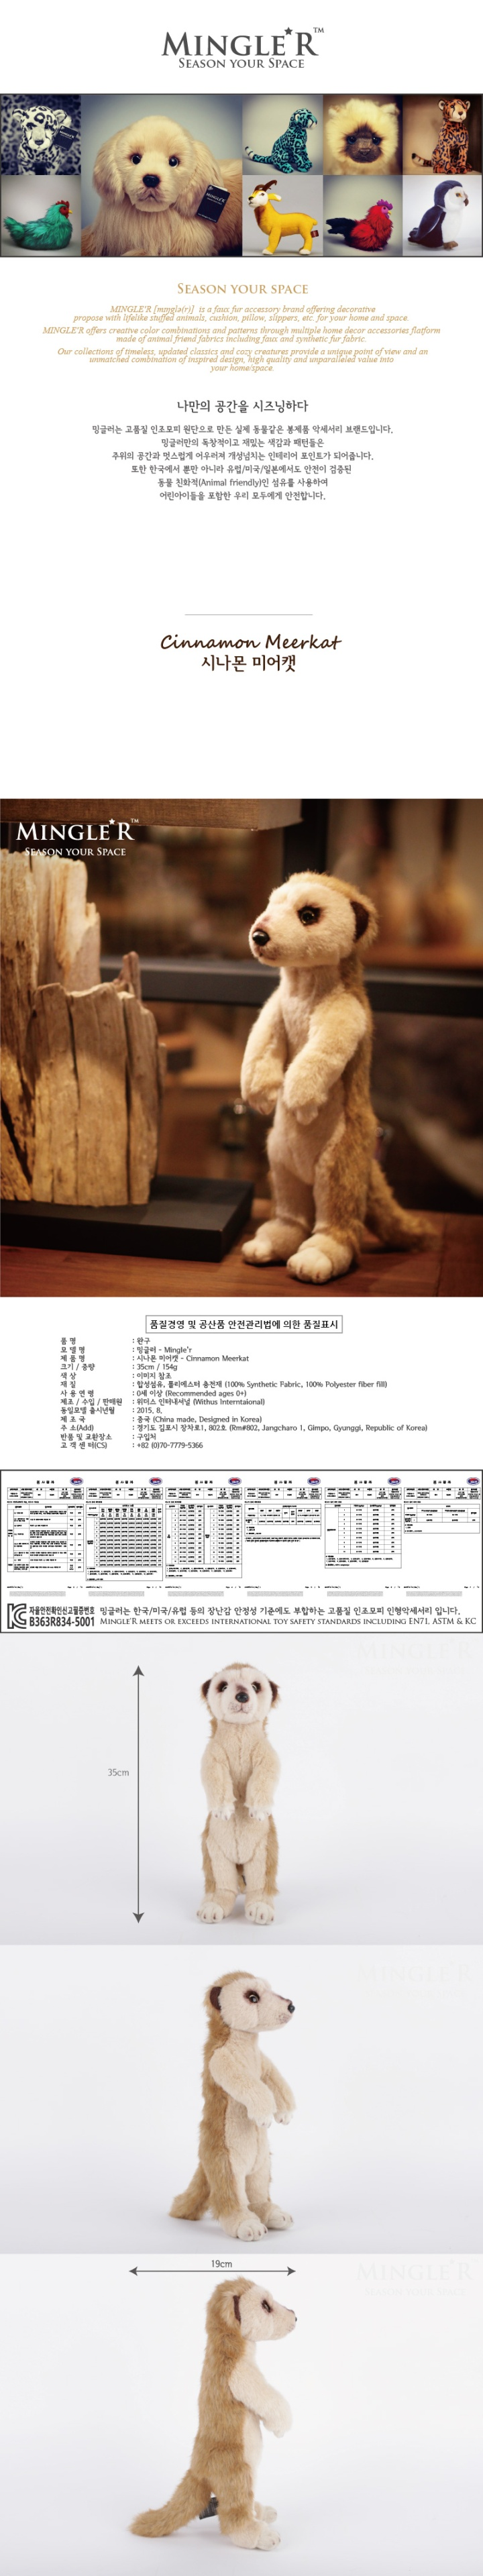 New-Cinammon-Meerkat-A(7-23-2015)